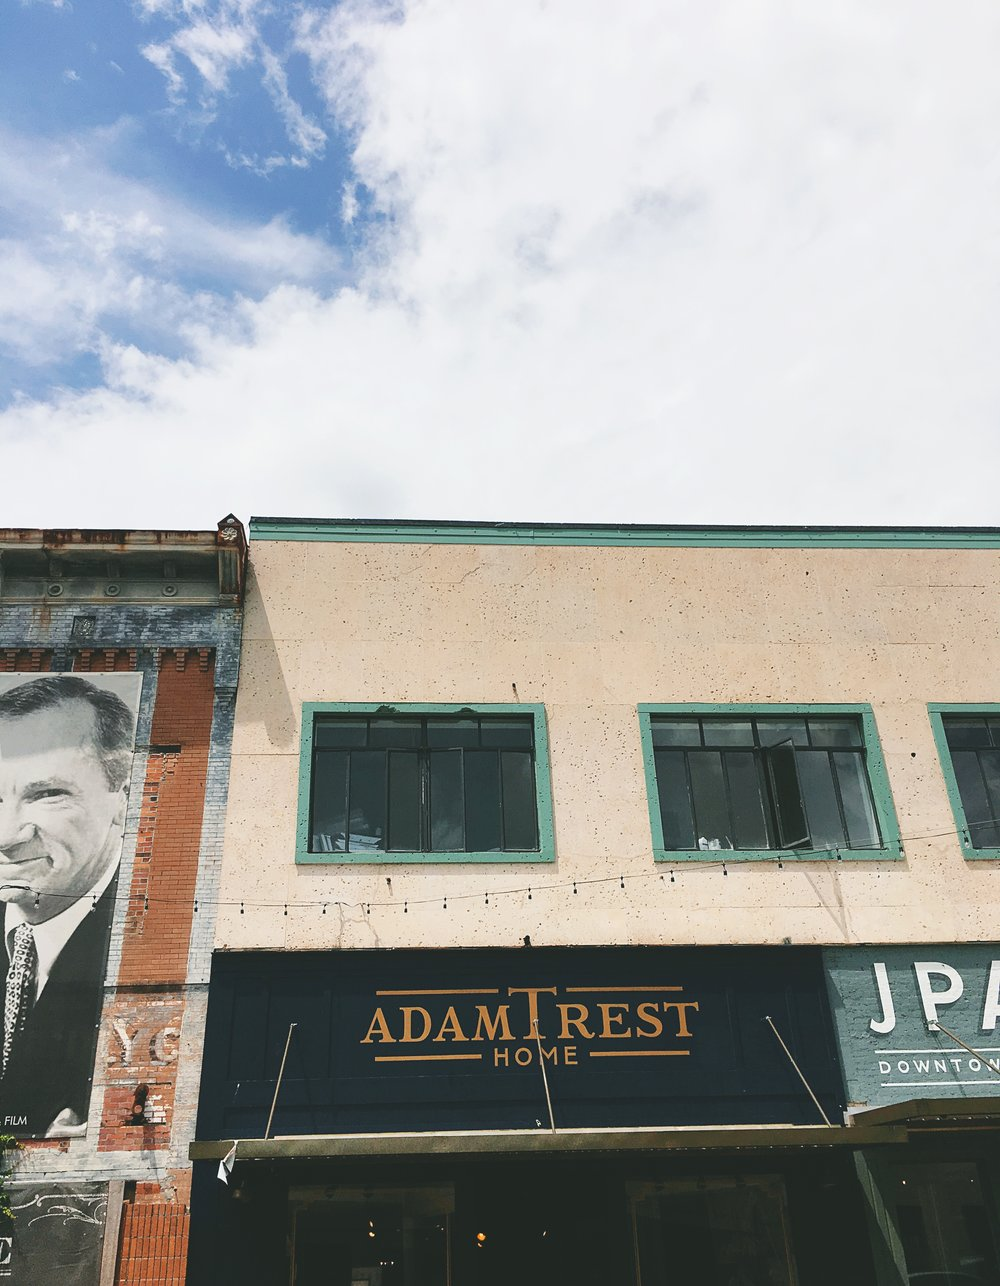 Adam Trest Home